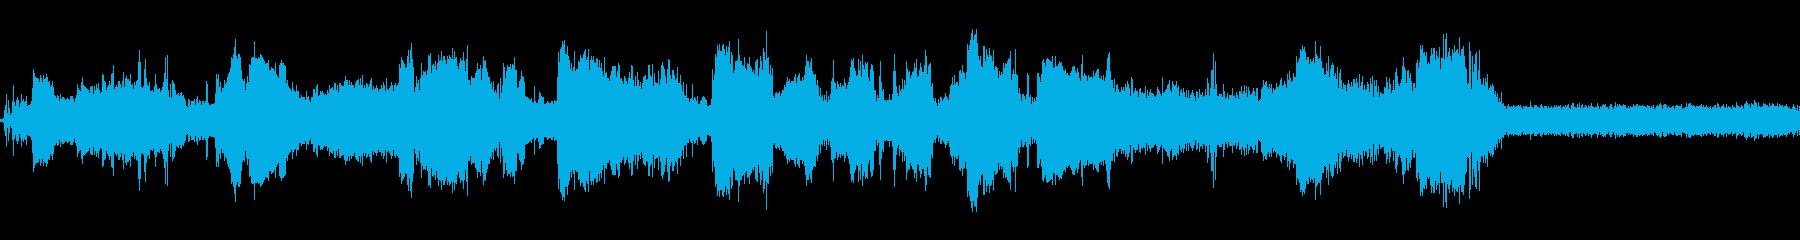 車のポンティアックインテリア複数の再生済みの波形